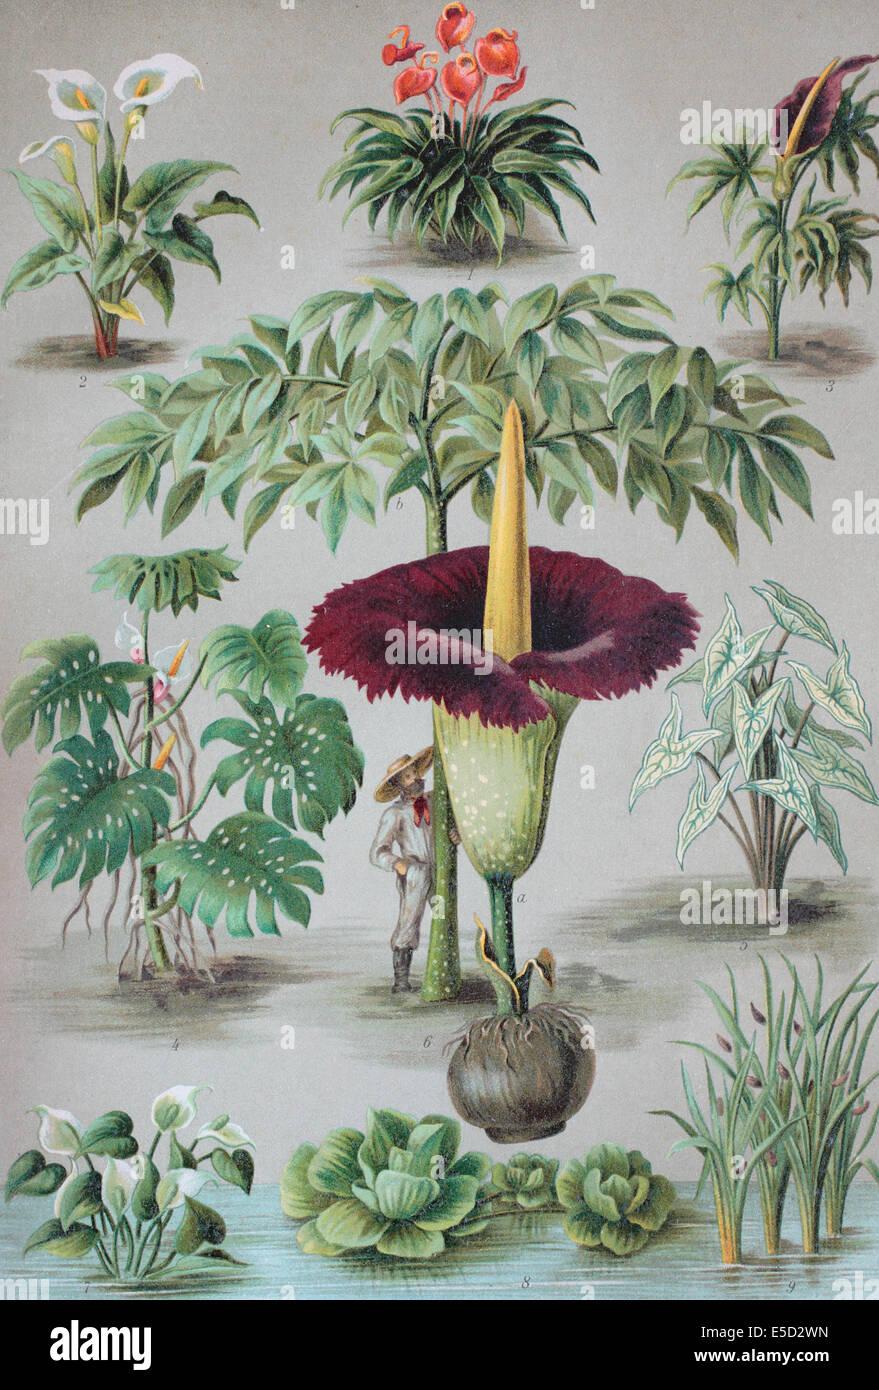 Araceae or the Arum family, 1. Anthurium, 2. Zantedeschia, 3. Dracunculus, 4. Monstera, 5. Caladium, 6. Amorphophallus, - Stock Image